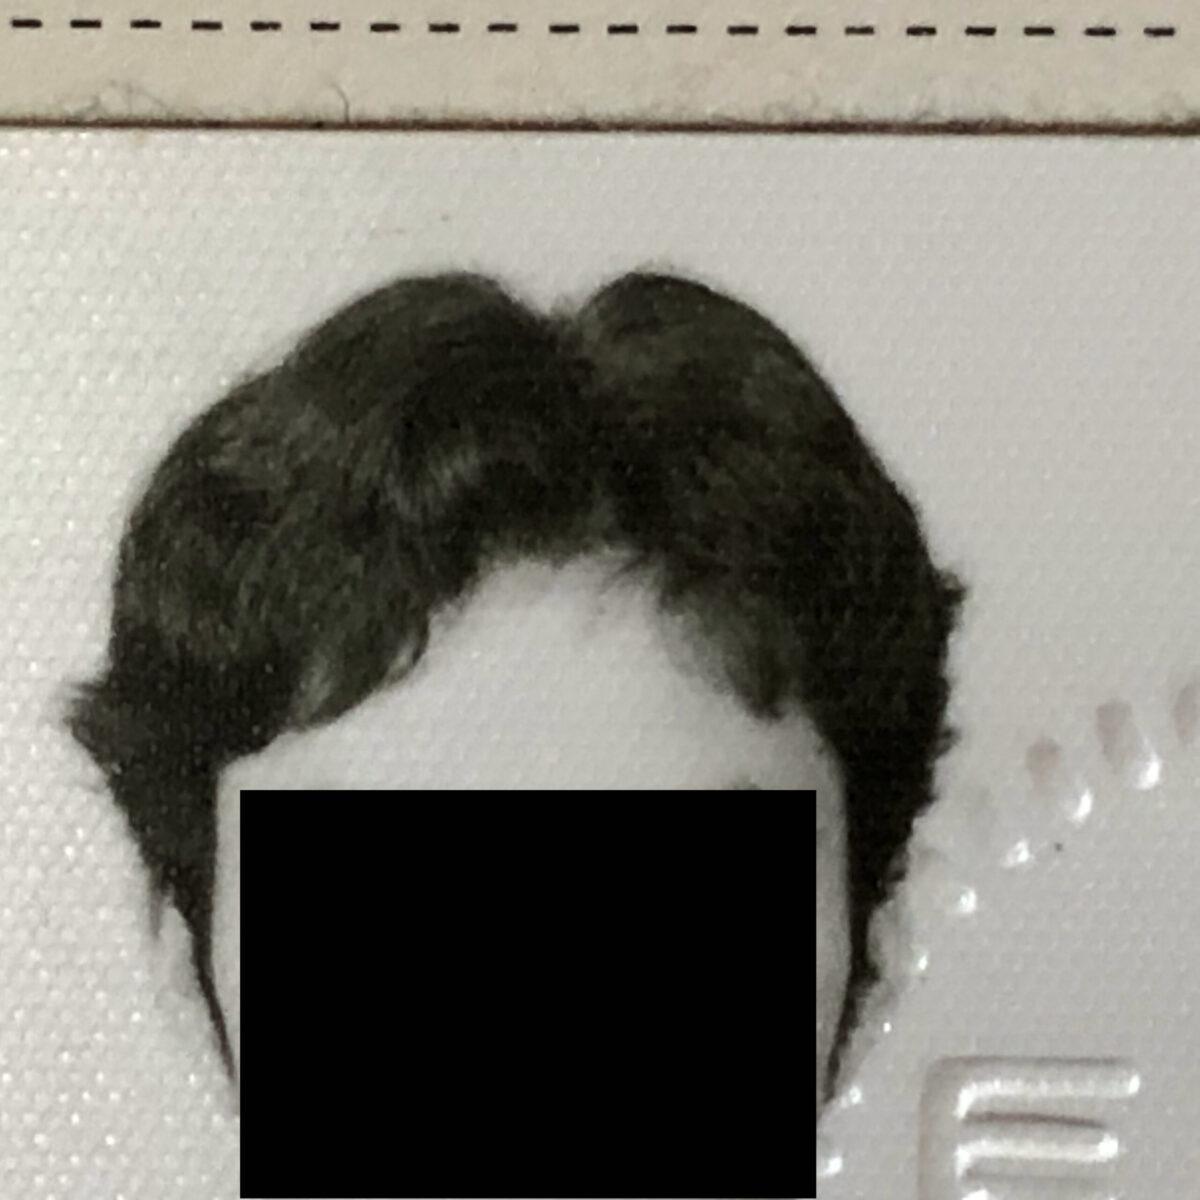 縮毛矯正をかけ始める前の高校生の頃の写真です。しっかりブローしててもこれが限界です。